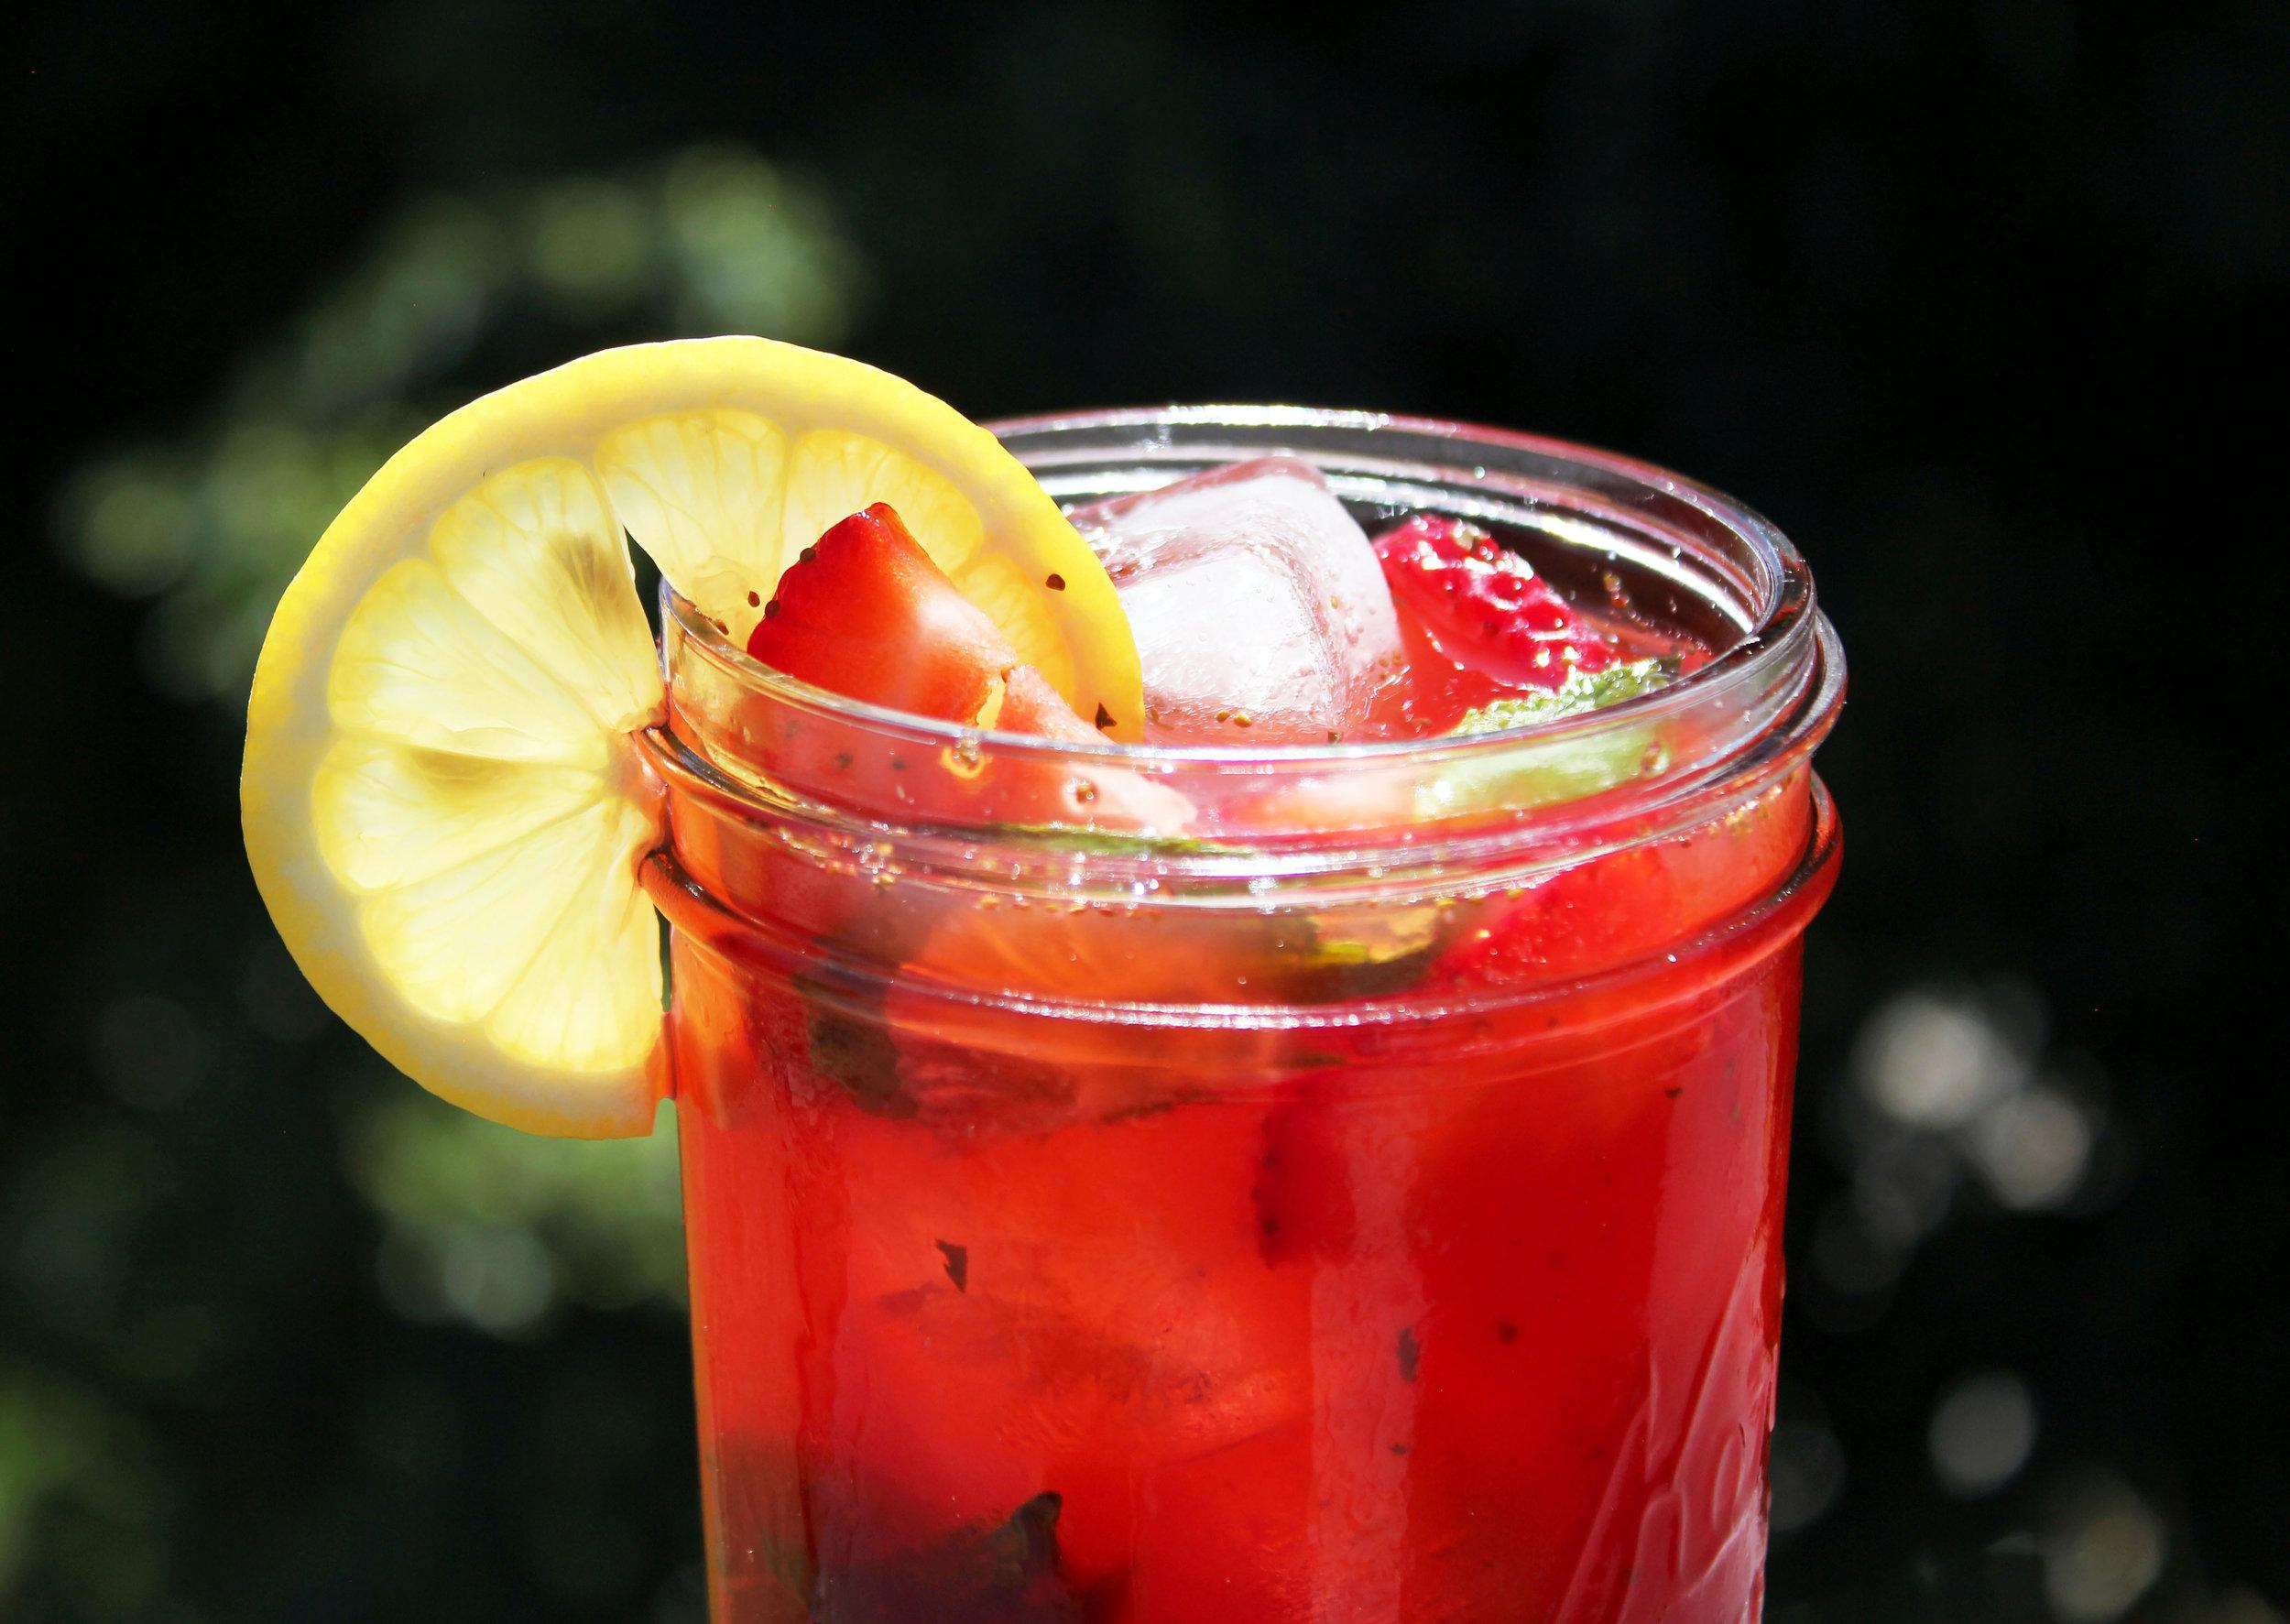 Strawberry Lemonade Glass 1.jpg